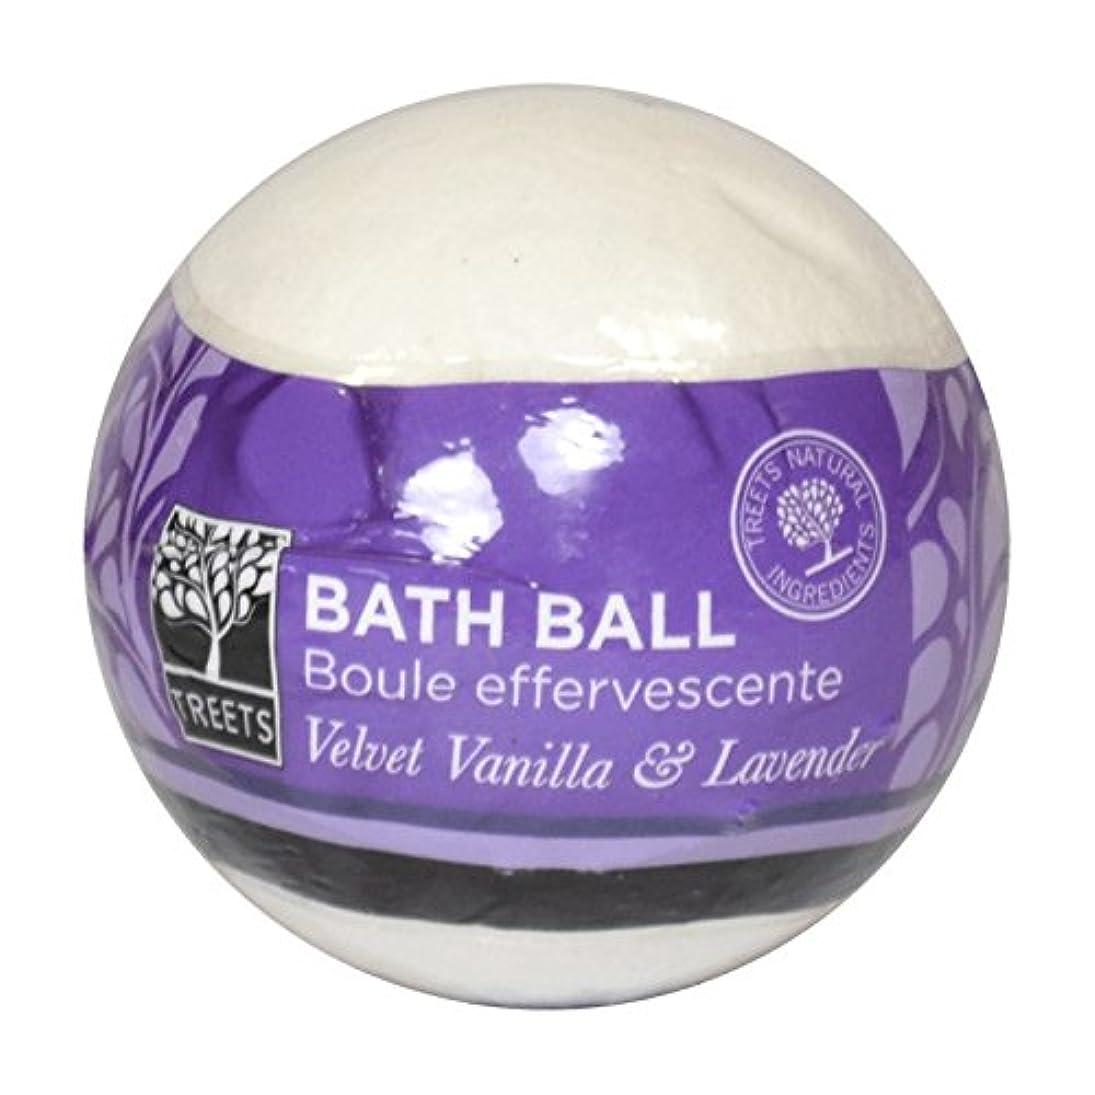 Treetsベルベットのバニラ&ラベンダーバスボール - Treets Velvet Vanilla & Lavender Bath Ball (Treets) [並行輸入品]